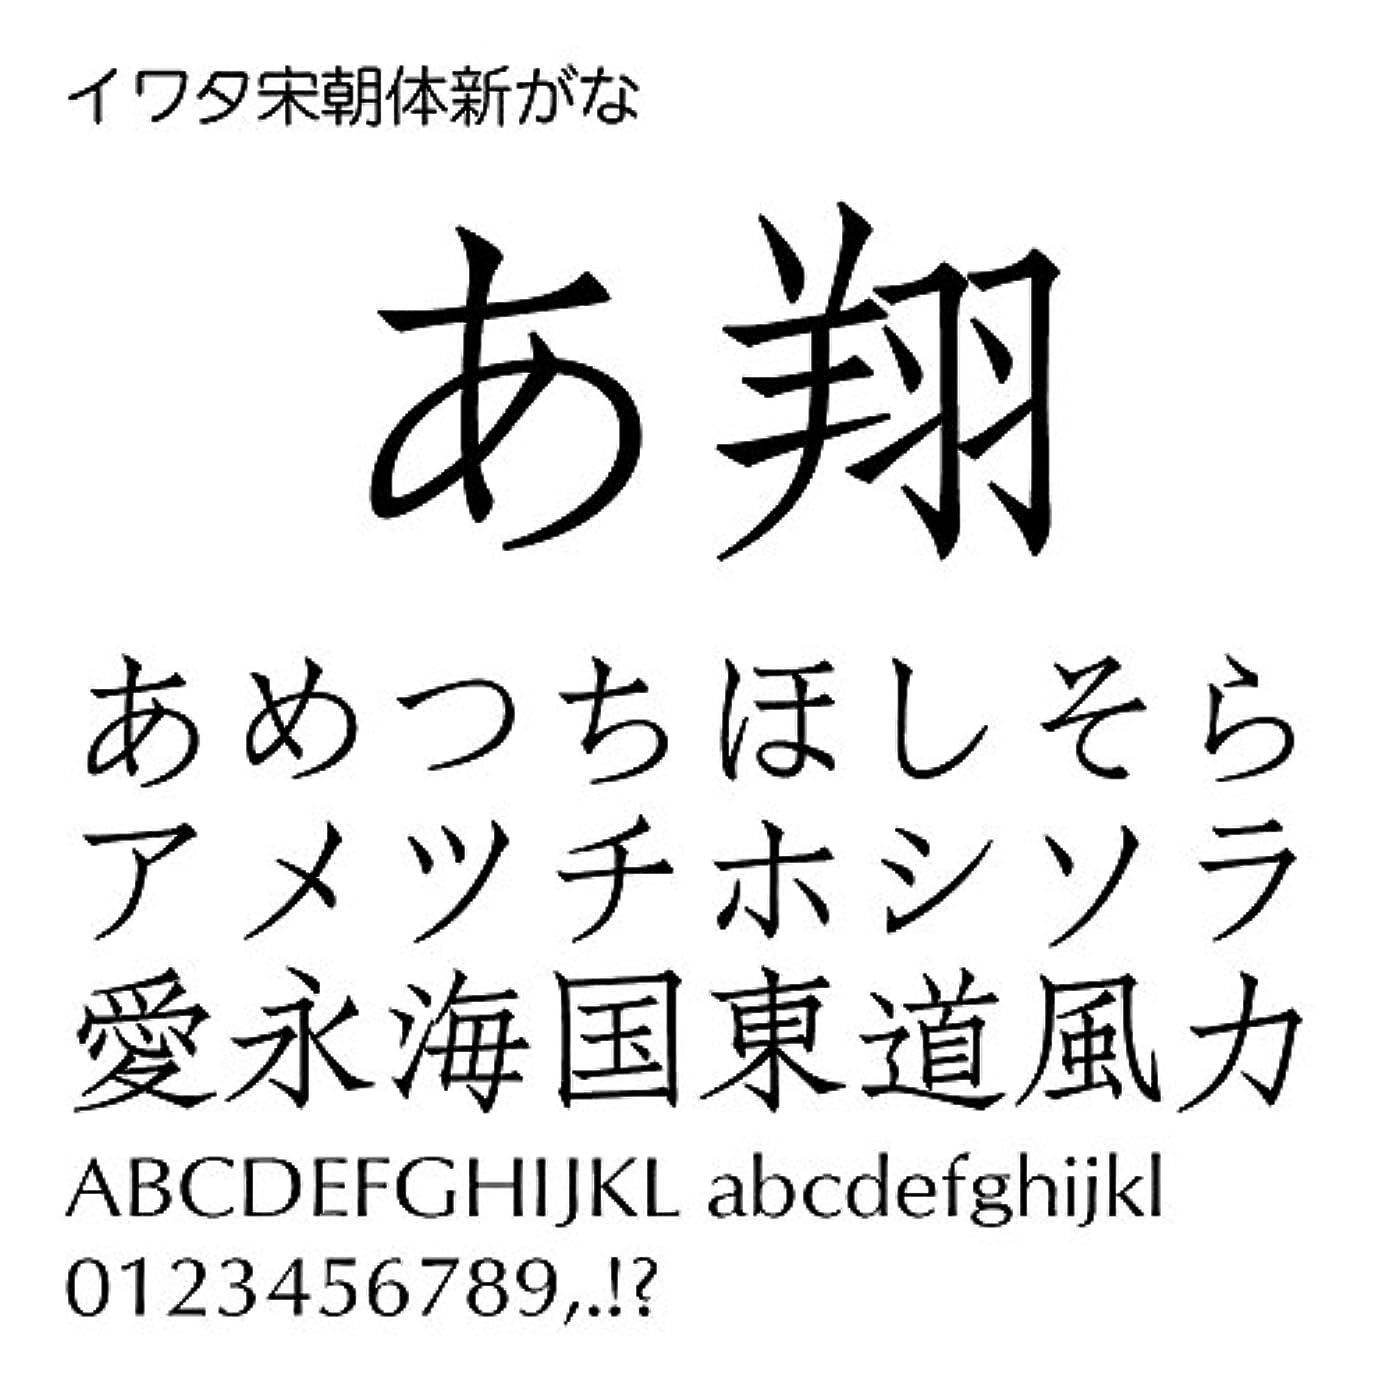 イワタ宋朝体新がな TrueType Font for Windows [ダウンロード]